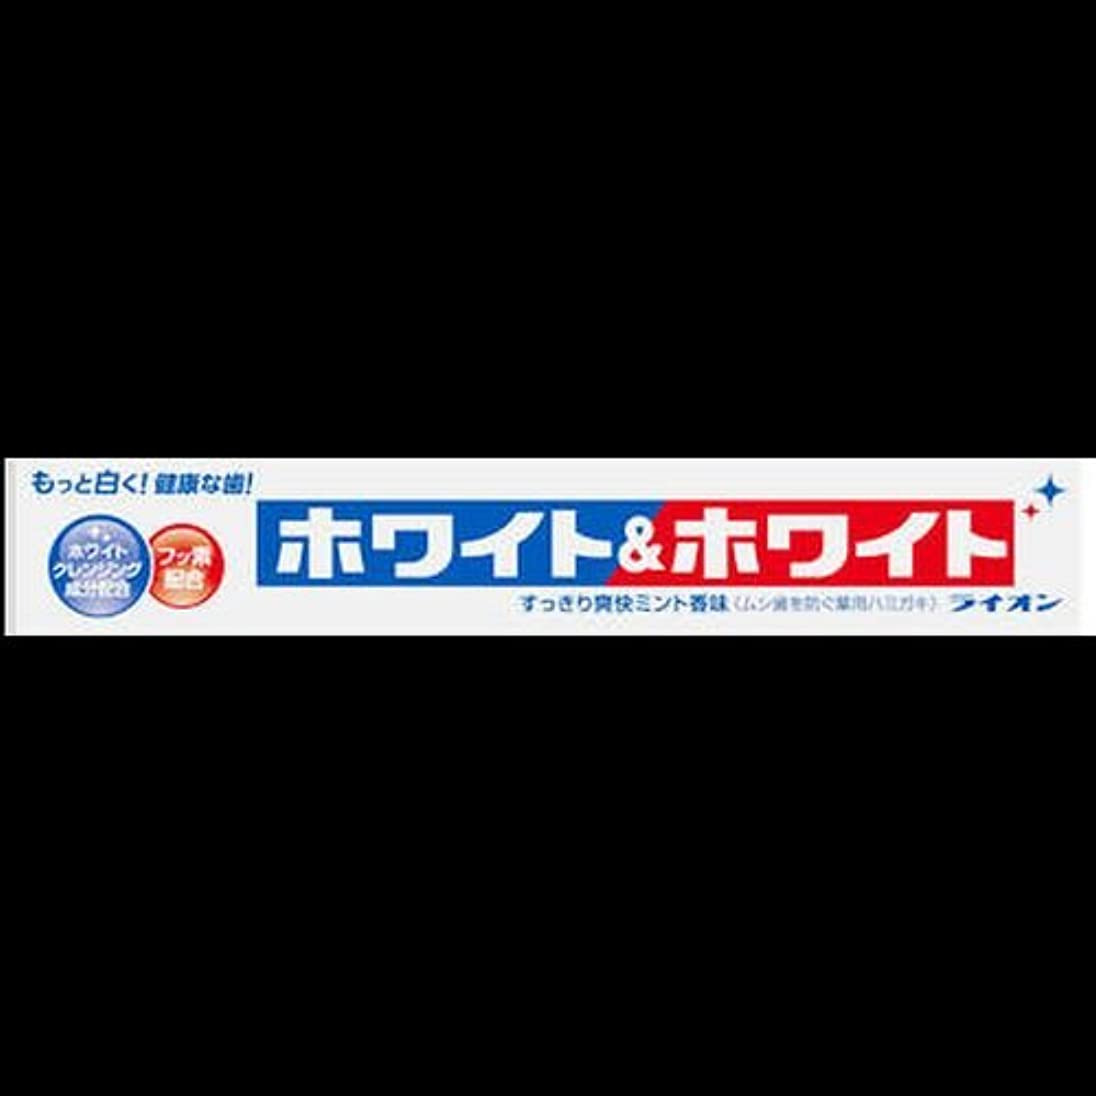 スープ配当悲観主義者ライオン ホワイト&ホワイト ヨコ型 150g ×2セット